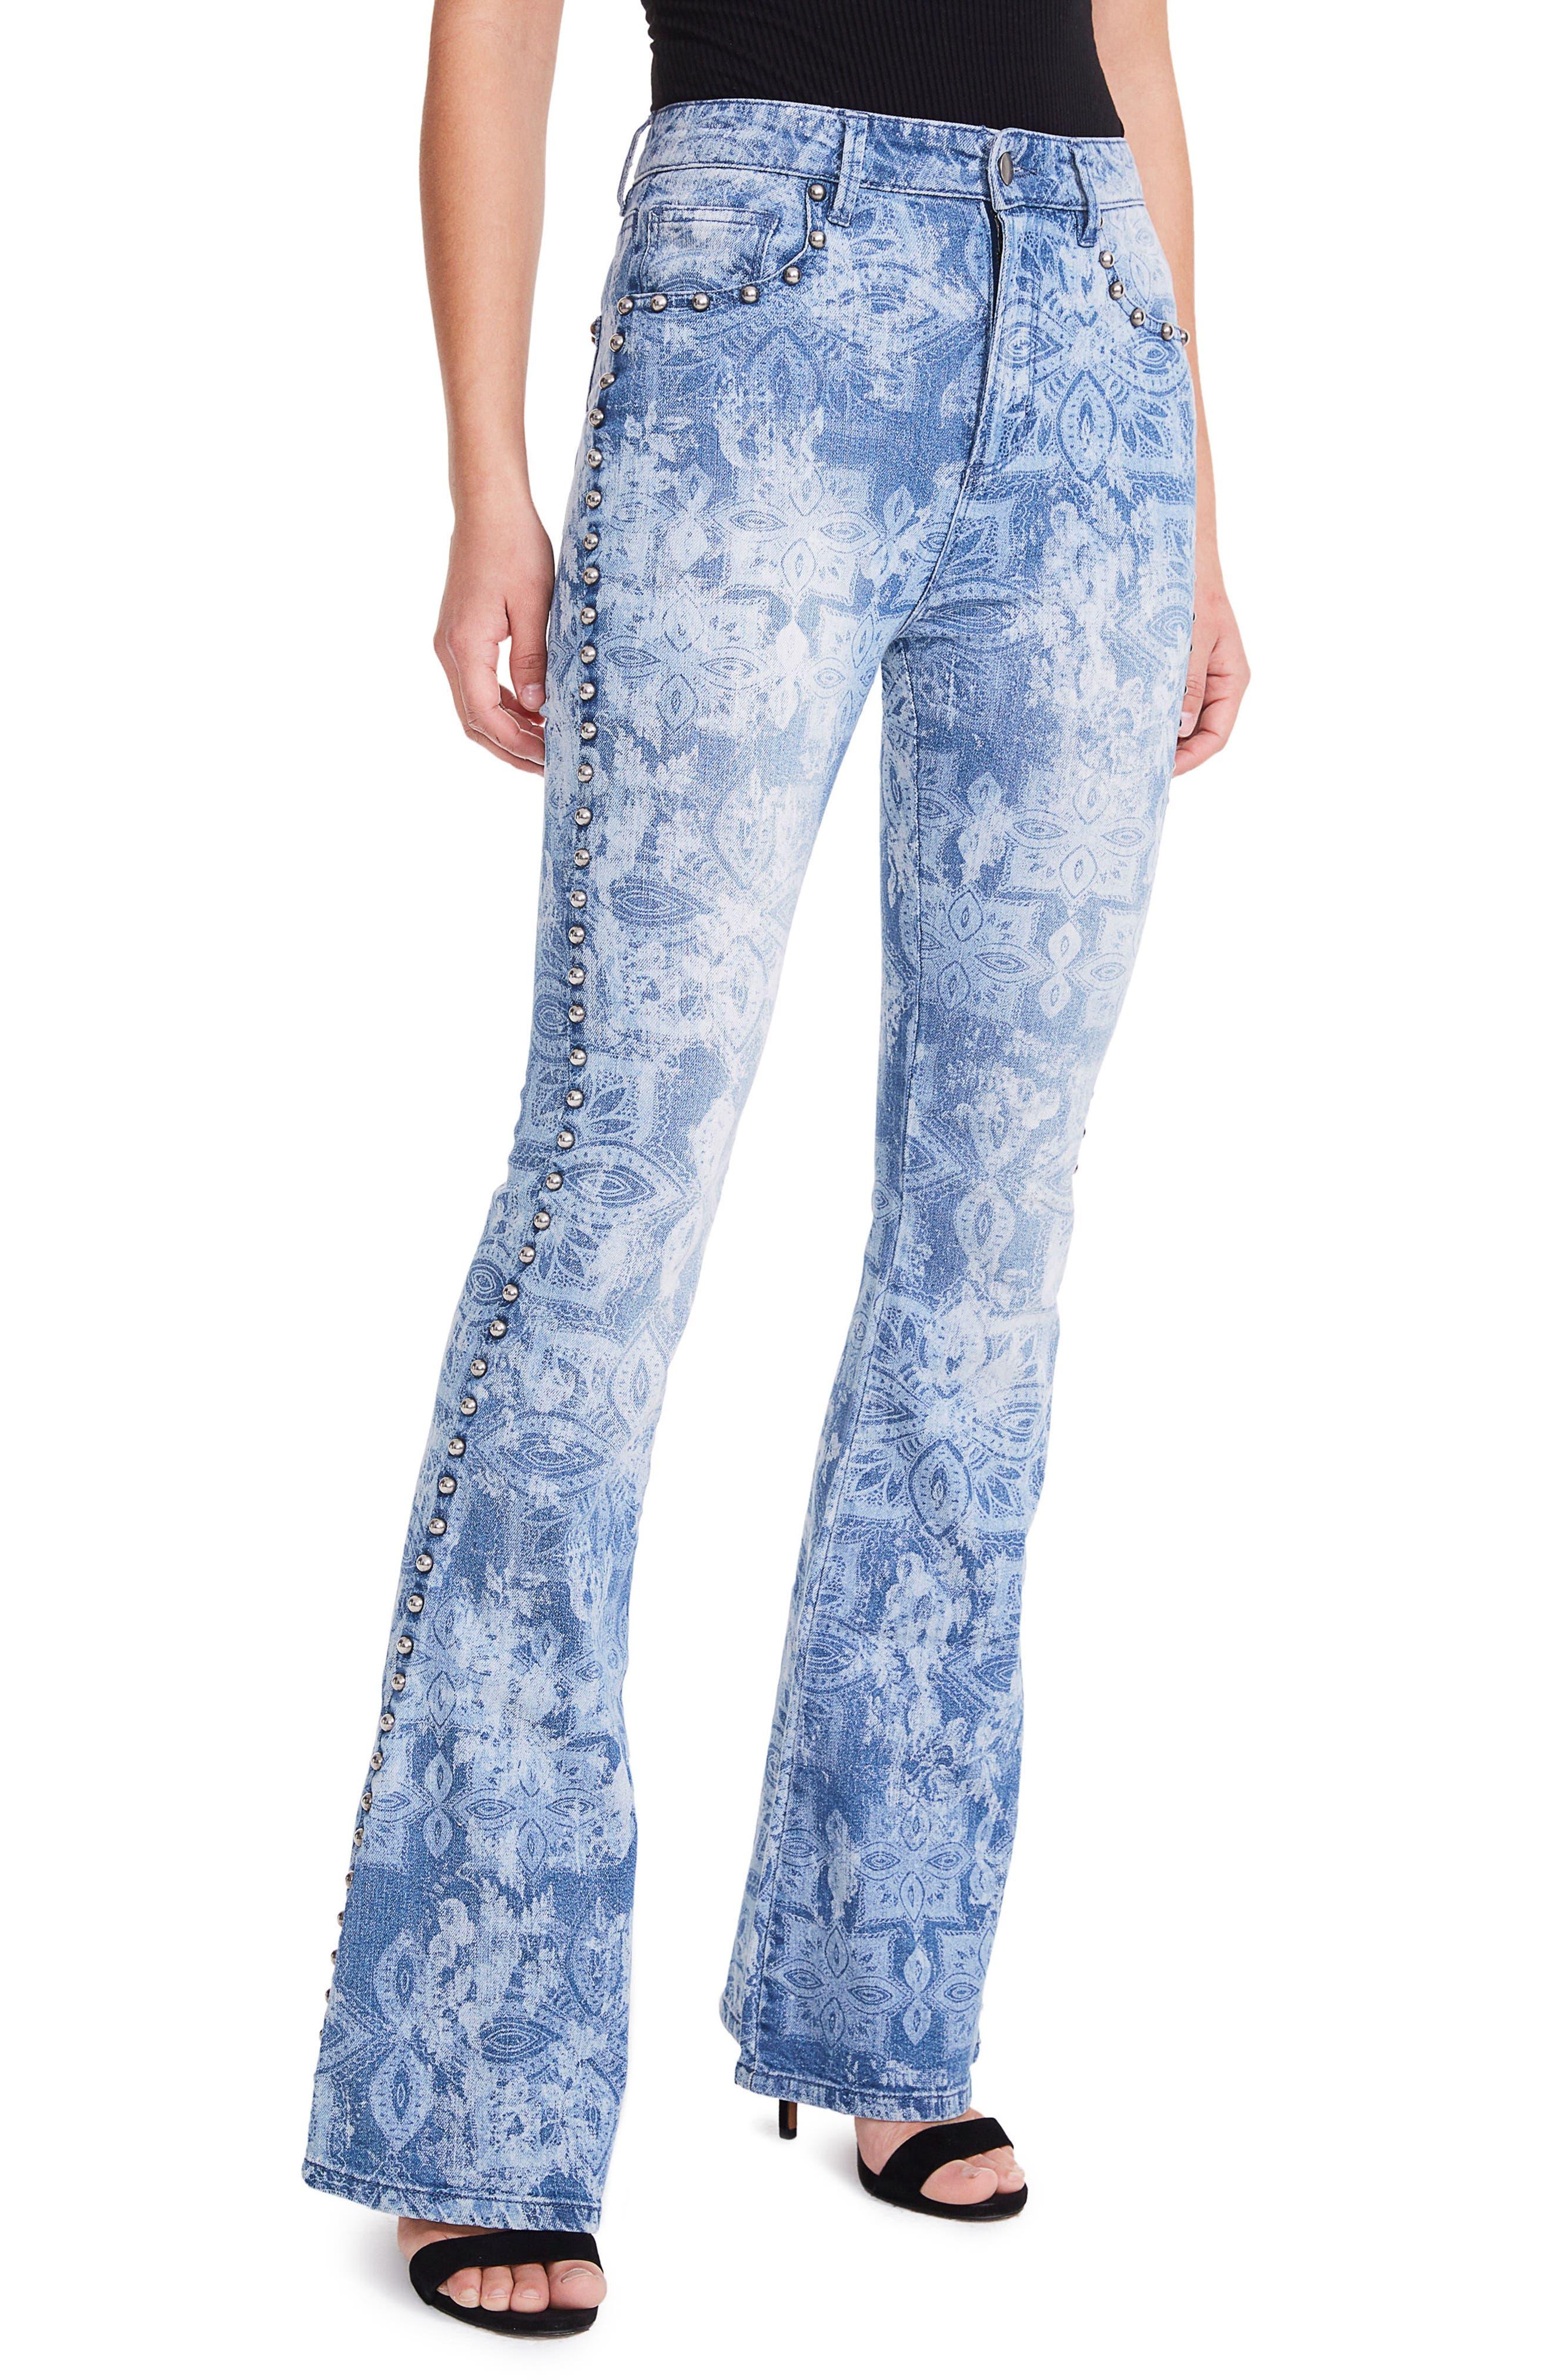 AFRM Taylor Studded High Waist Flare Jeans